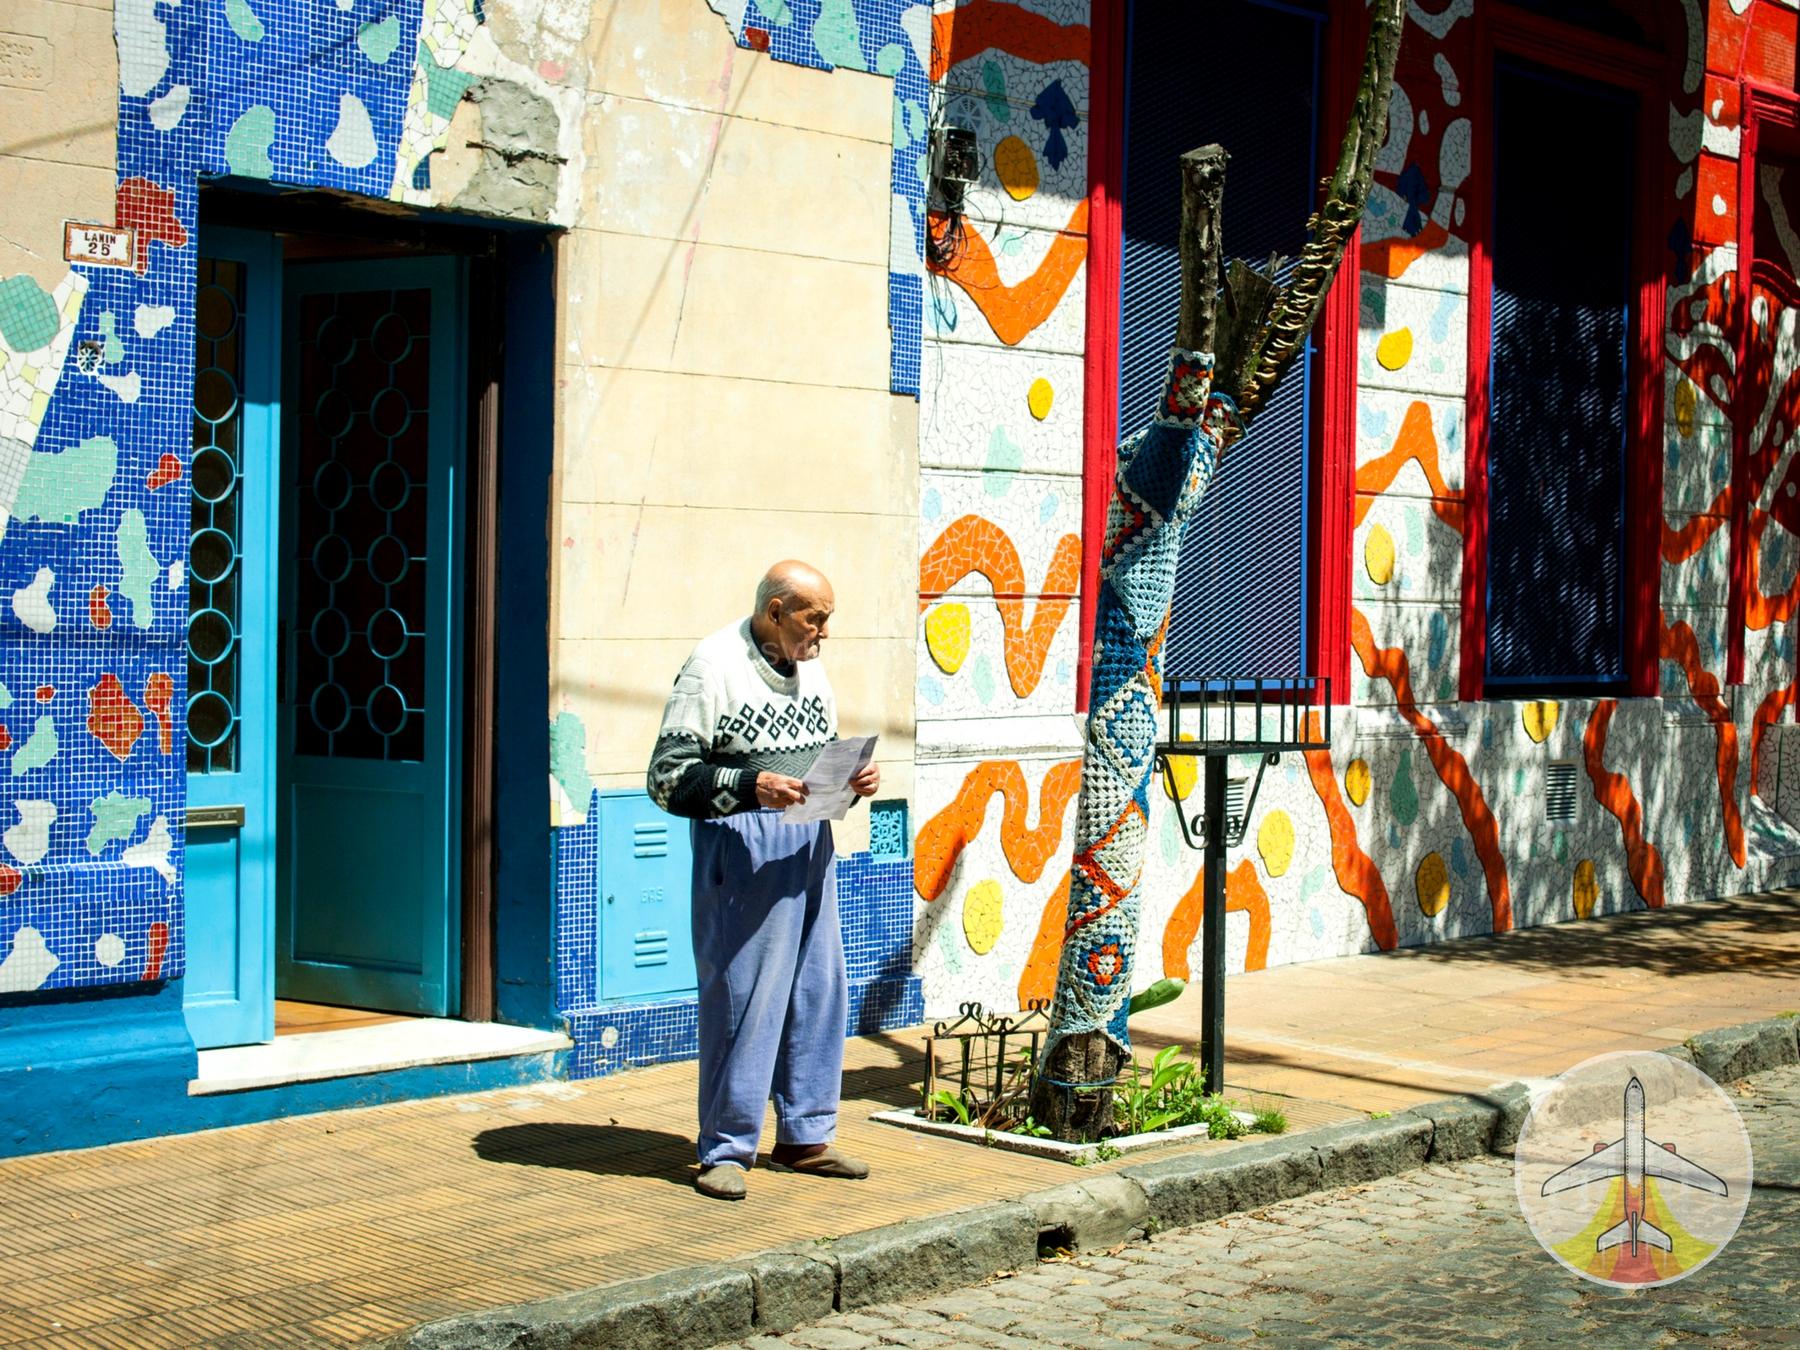 o-que-fazer-em-buenos-aires-Tour-lado-B-aires-buenos-blog-marino O que fazer em Buenos Aires (além do tradicional)!